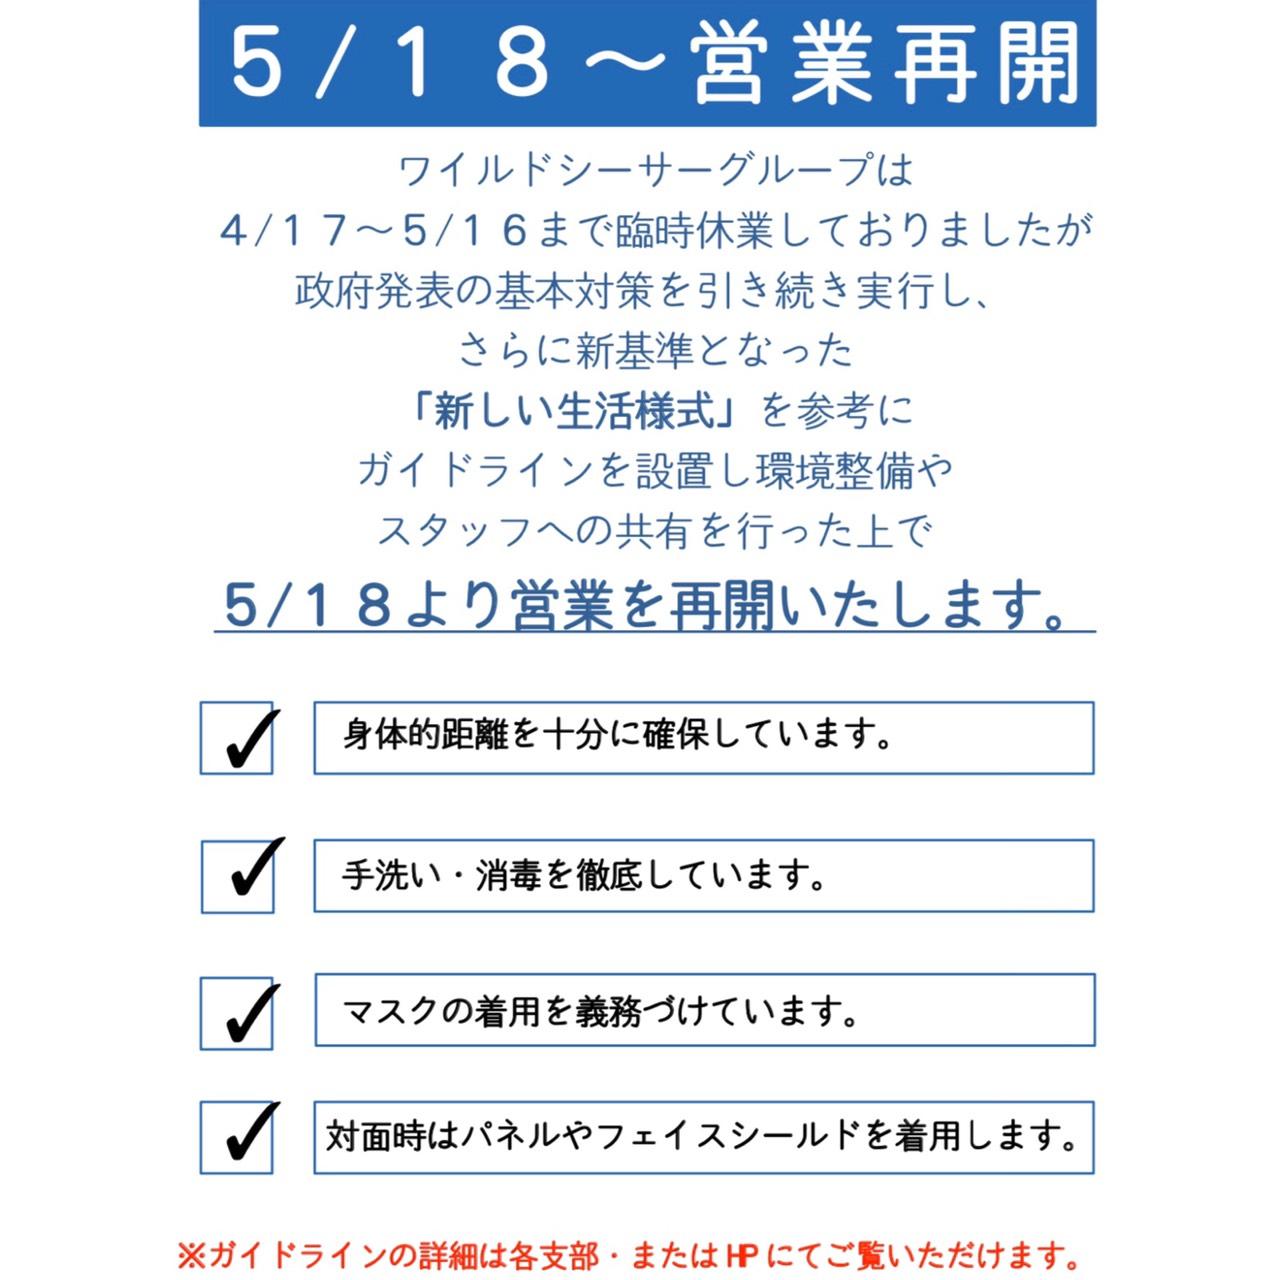 5月18日より全店舗営業再開のご案内